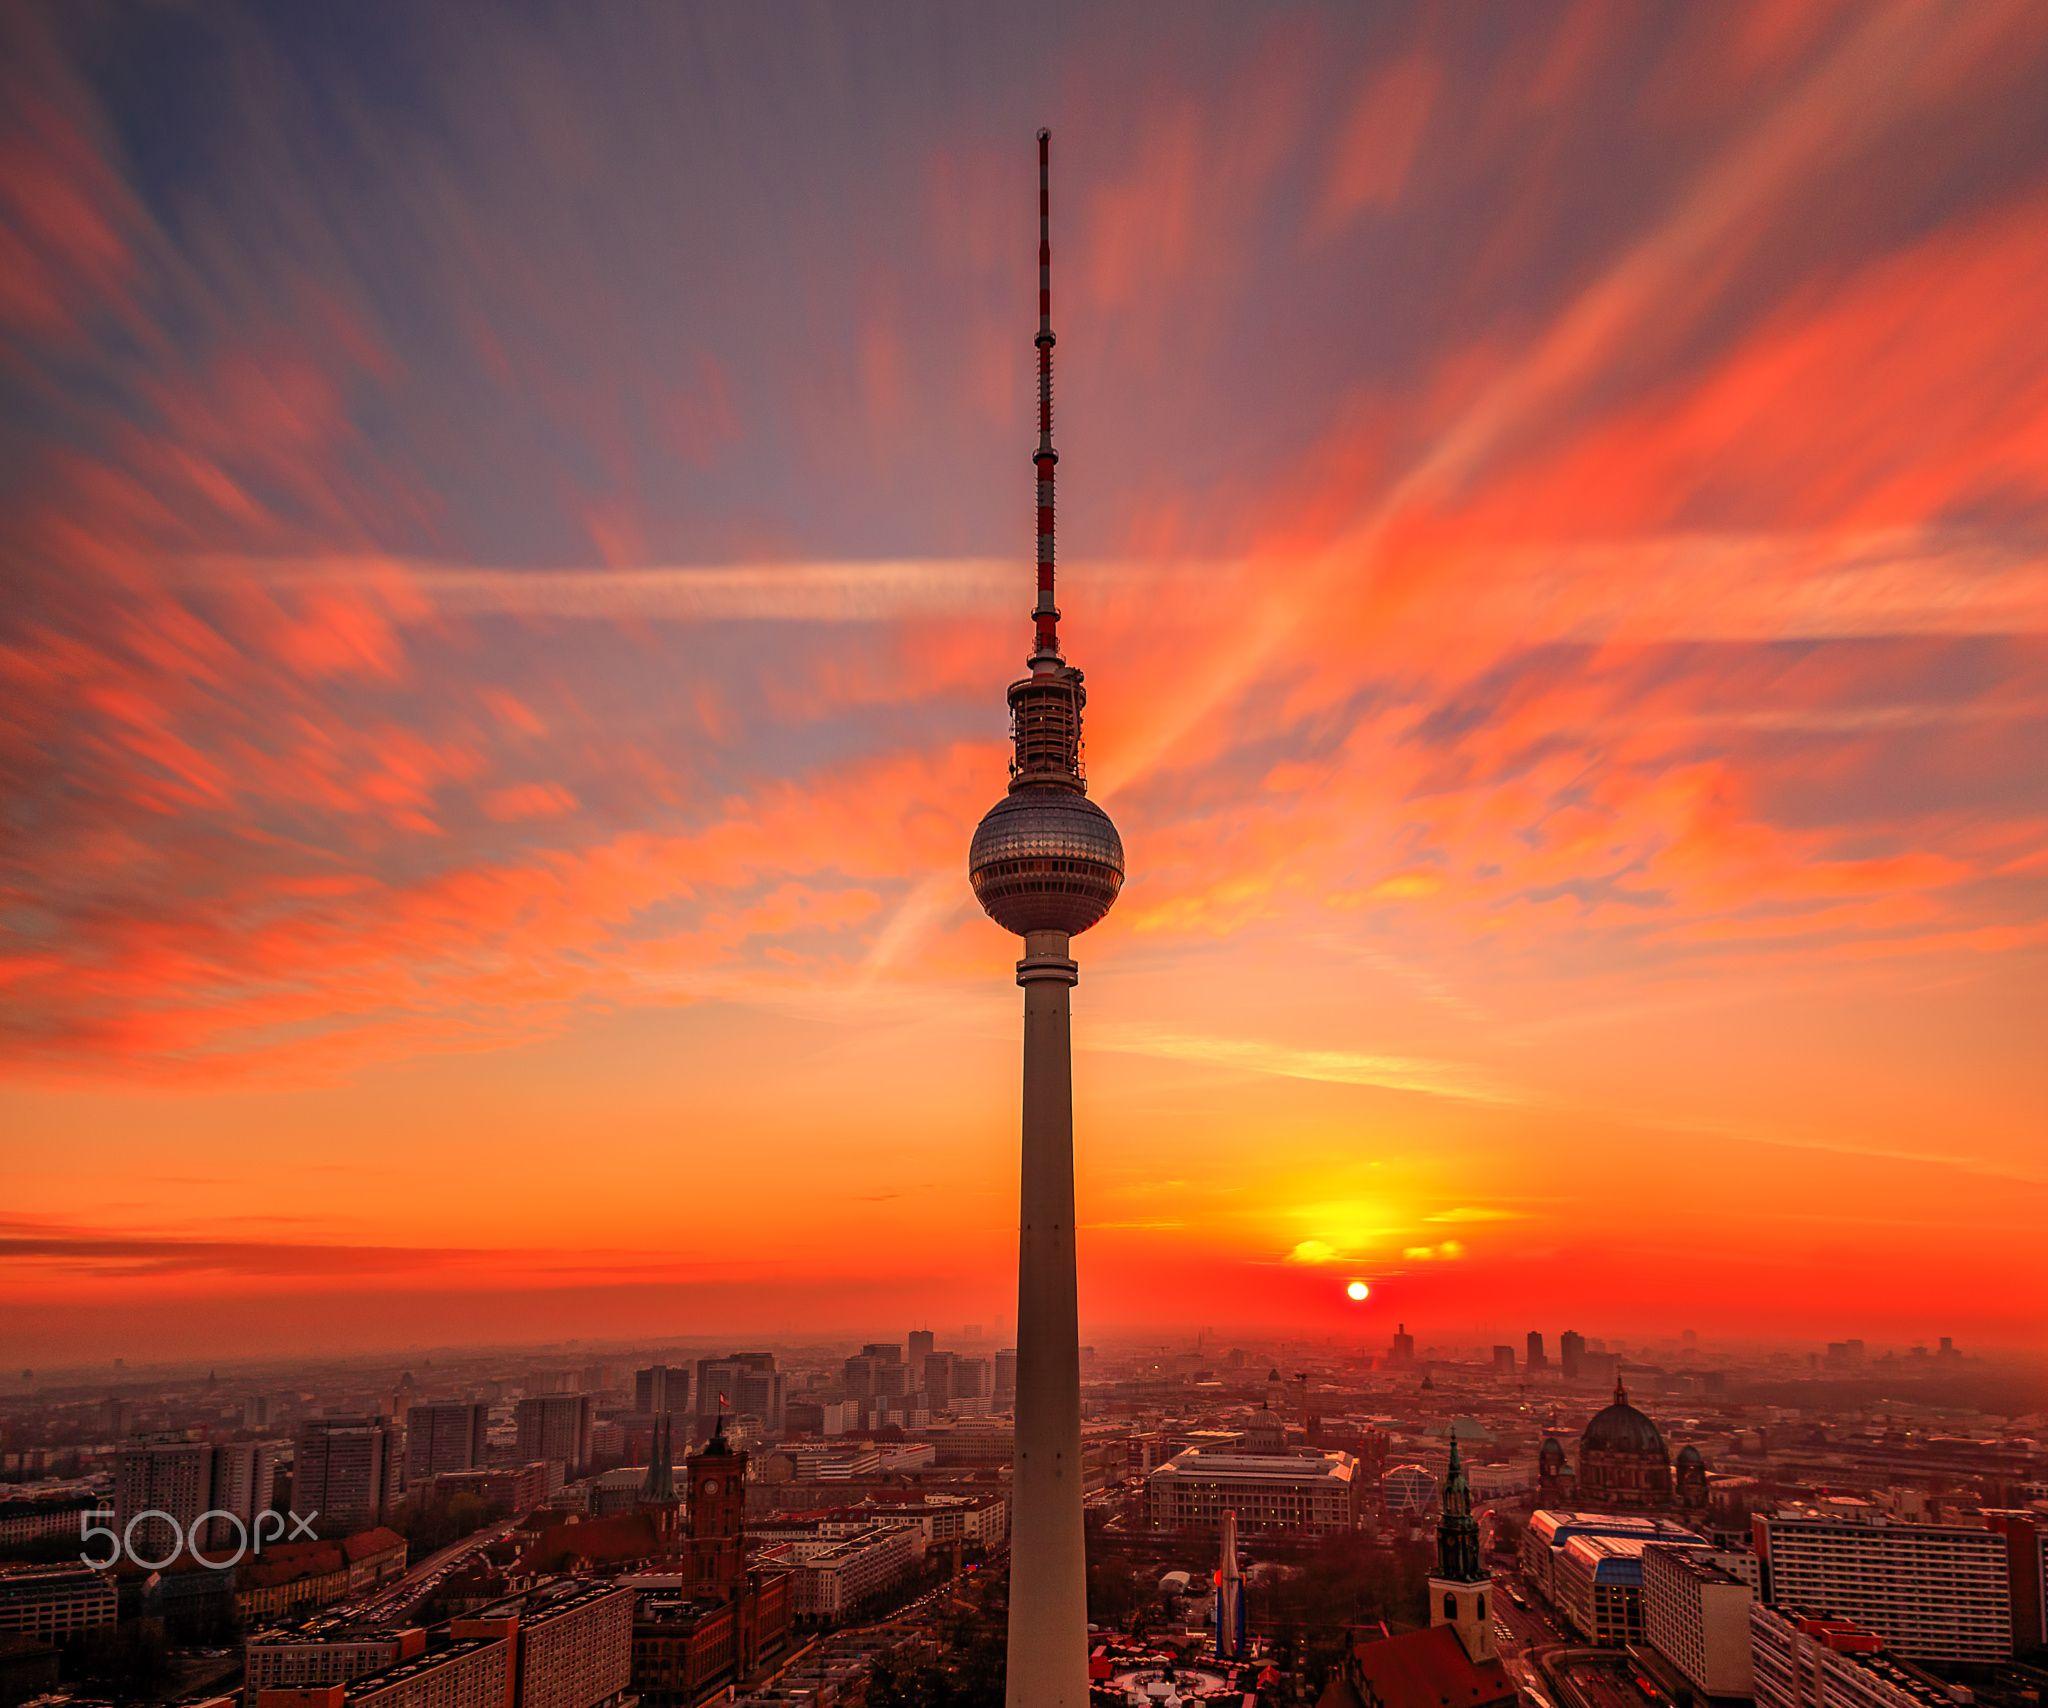 Berliner Fernsehturm Bei Sonnenuntergang Fernsehturm Sonnenuntergang Berlin Sonnenuntergang